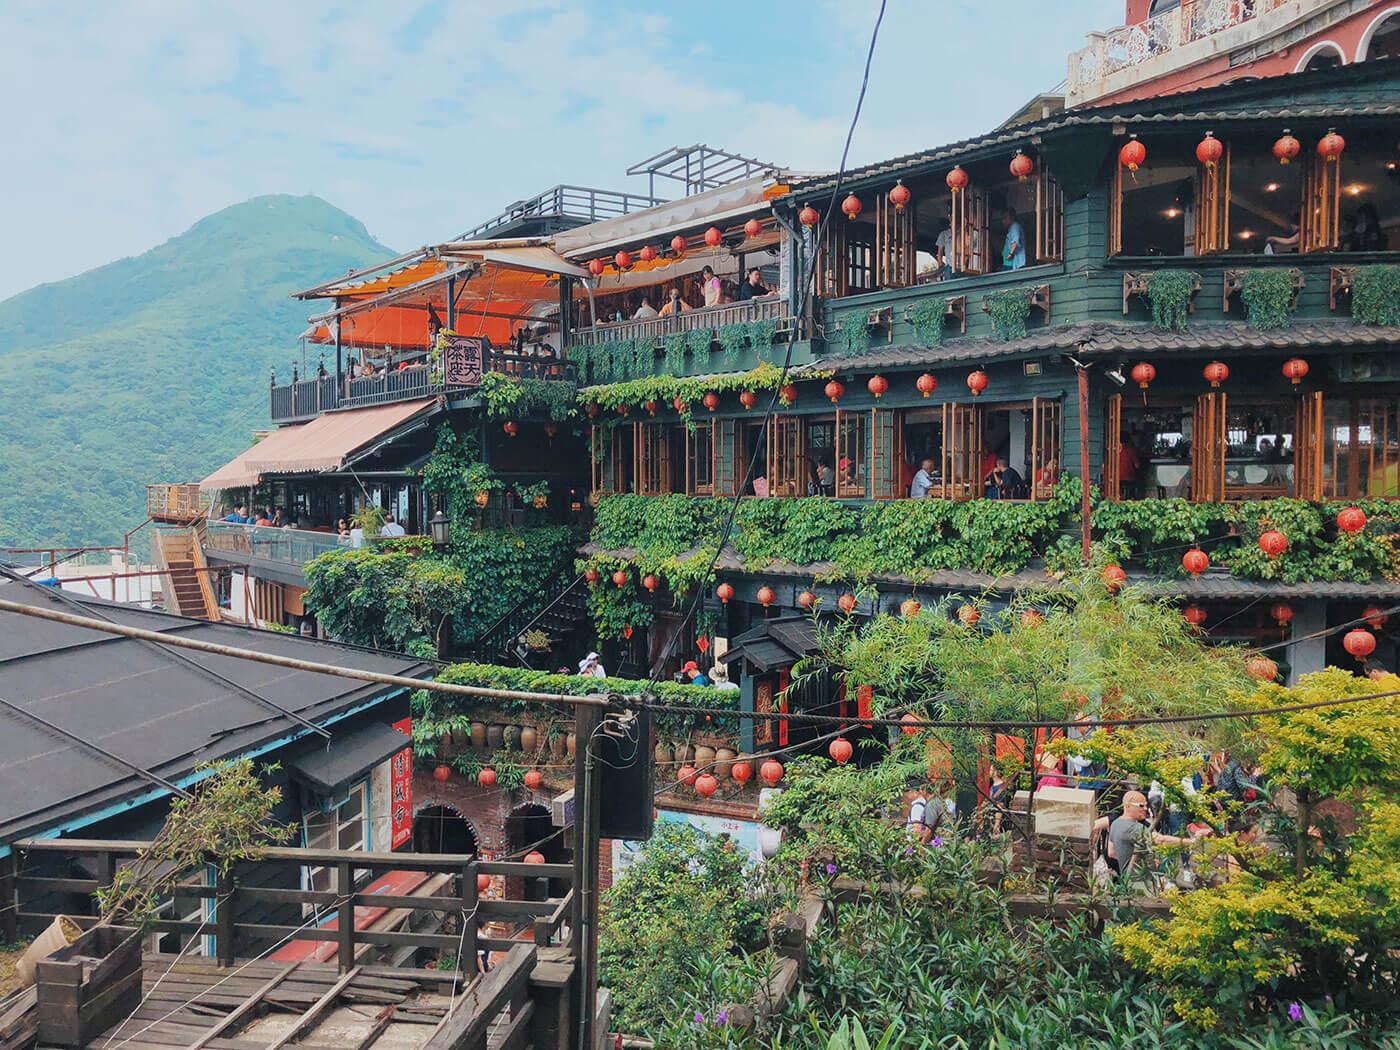 visiter taiwan visiter taipei voyager à taiwan itinéraire taiwan visiter jiufen day tour de taipei